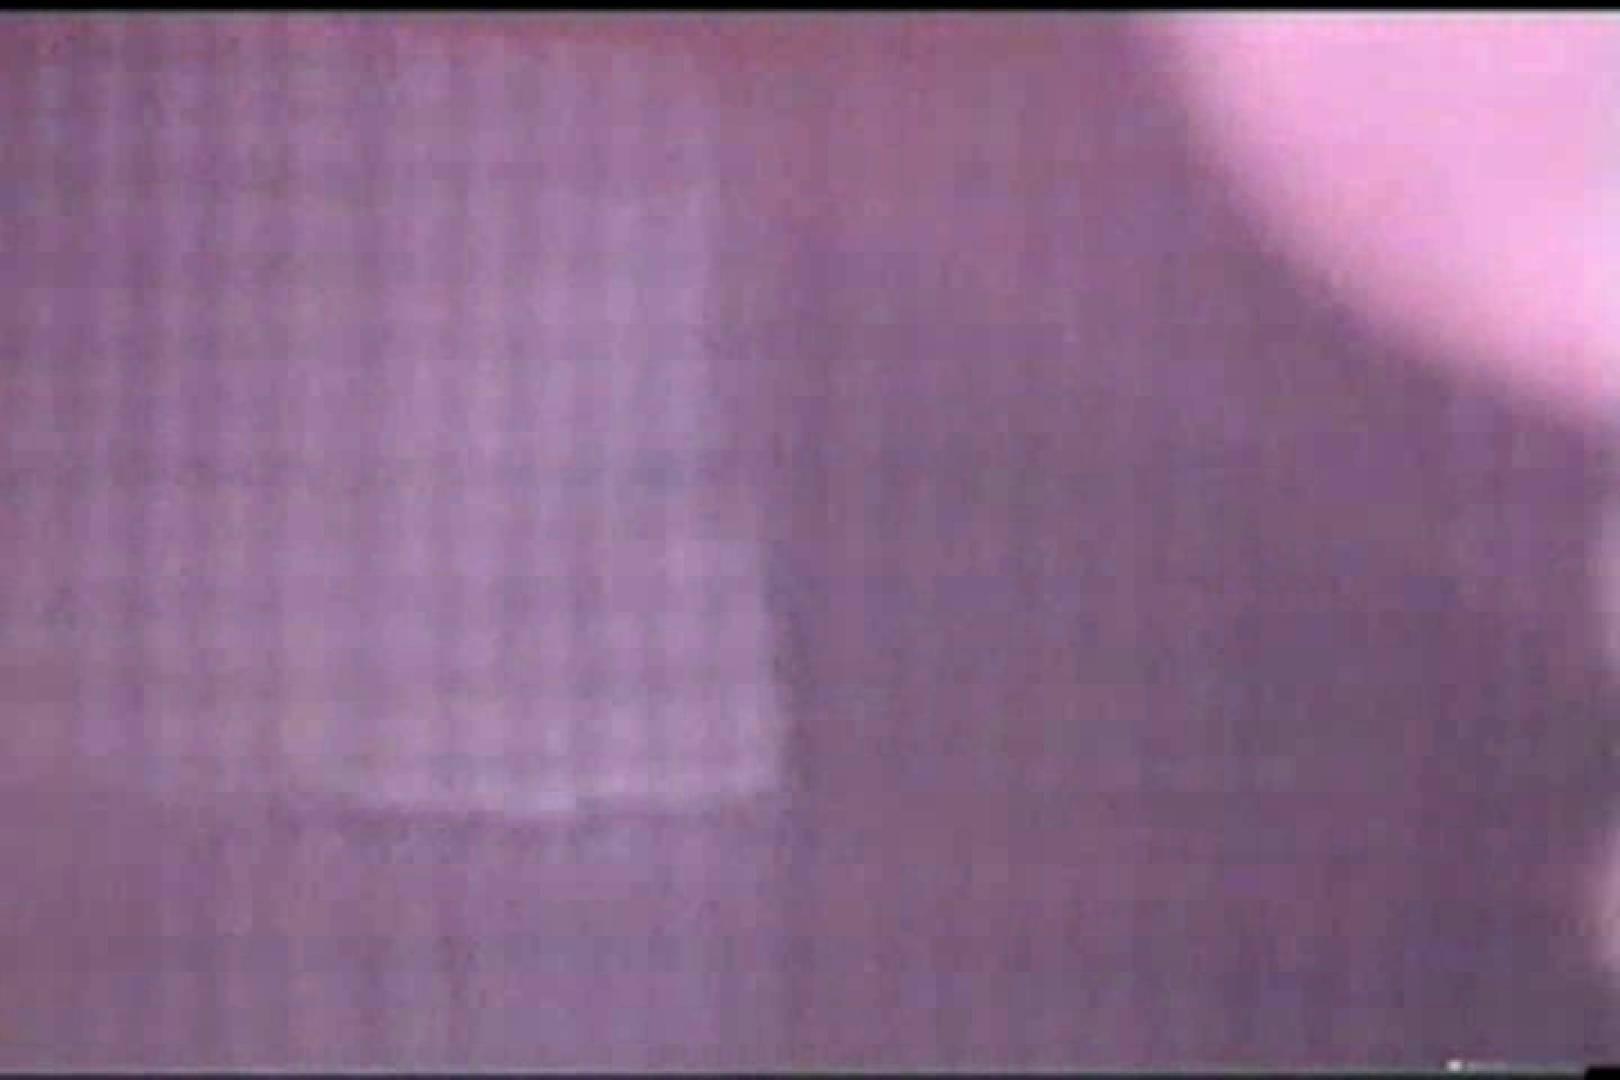 接写!!ショップパンチラVol.1 byレインボー OL女体 オメコ動画キャプチャ 95連発 93